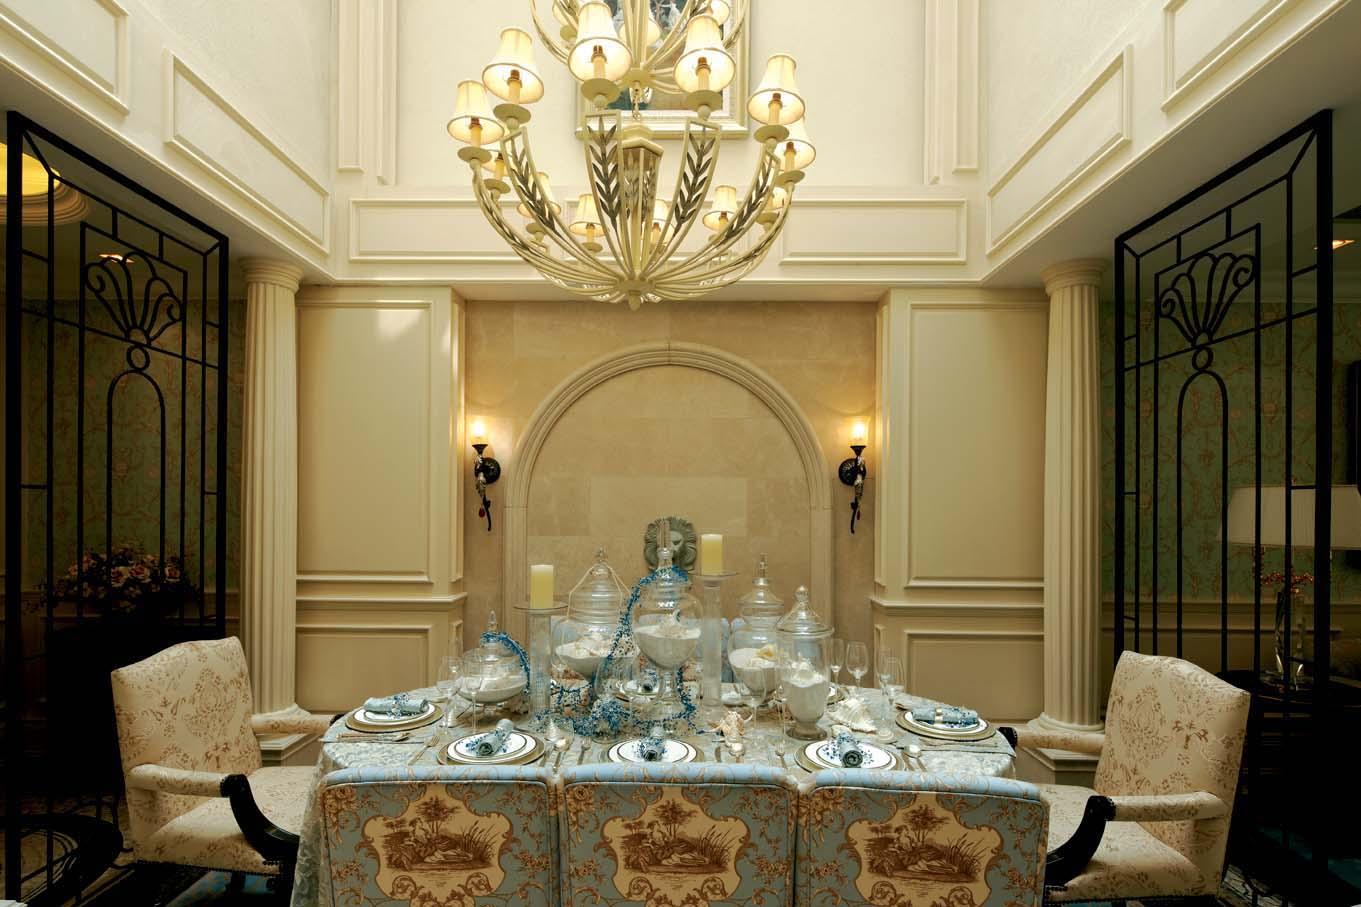 欧式风格 北京装修 装修风格 室内设计 装修设计 餐厅图片来自别墅装修设计yan在欧式风格鸿坤·林语墅的分享